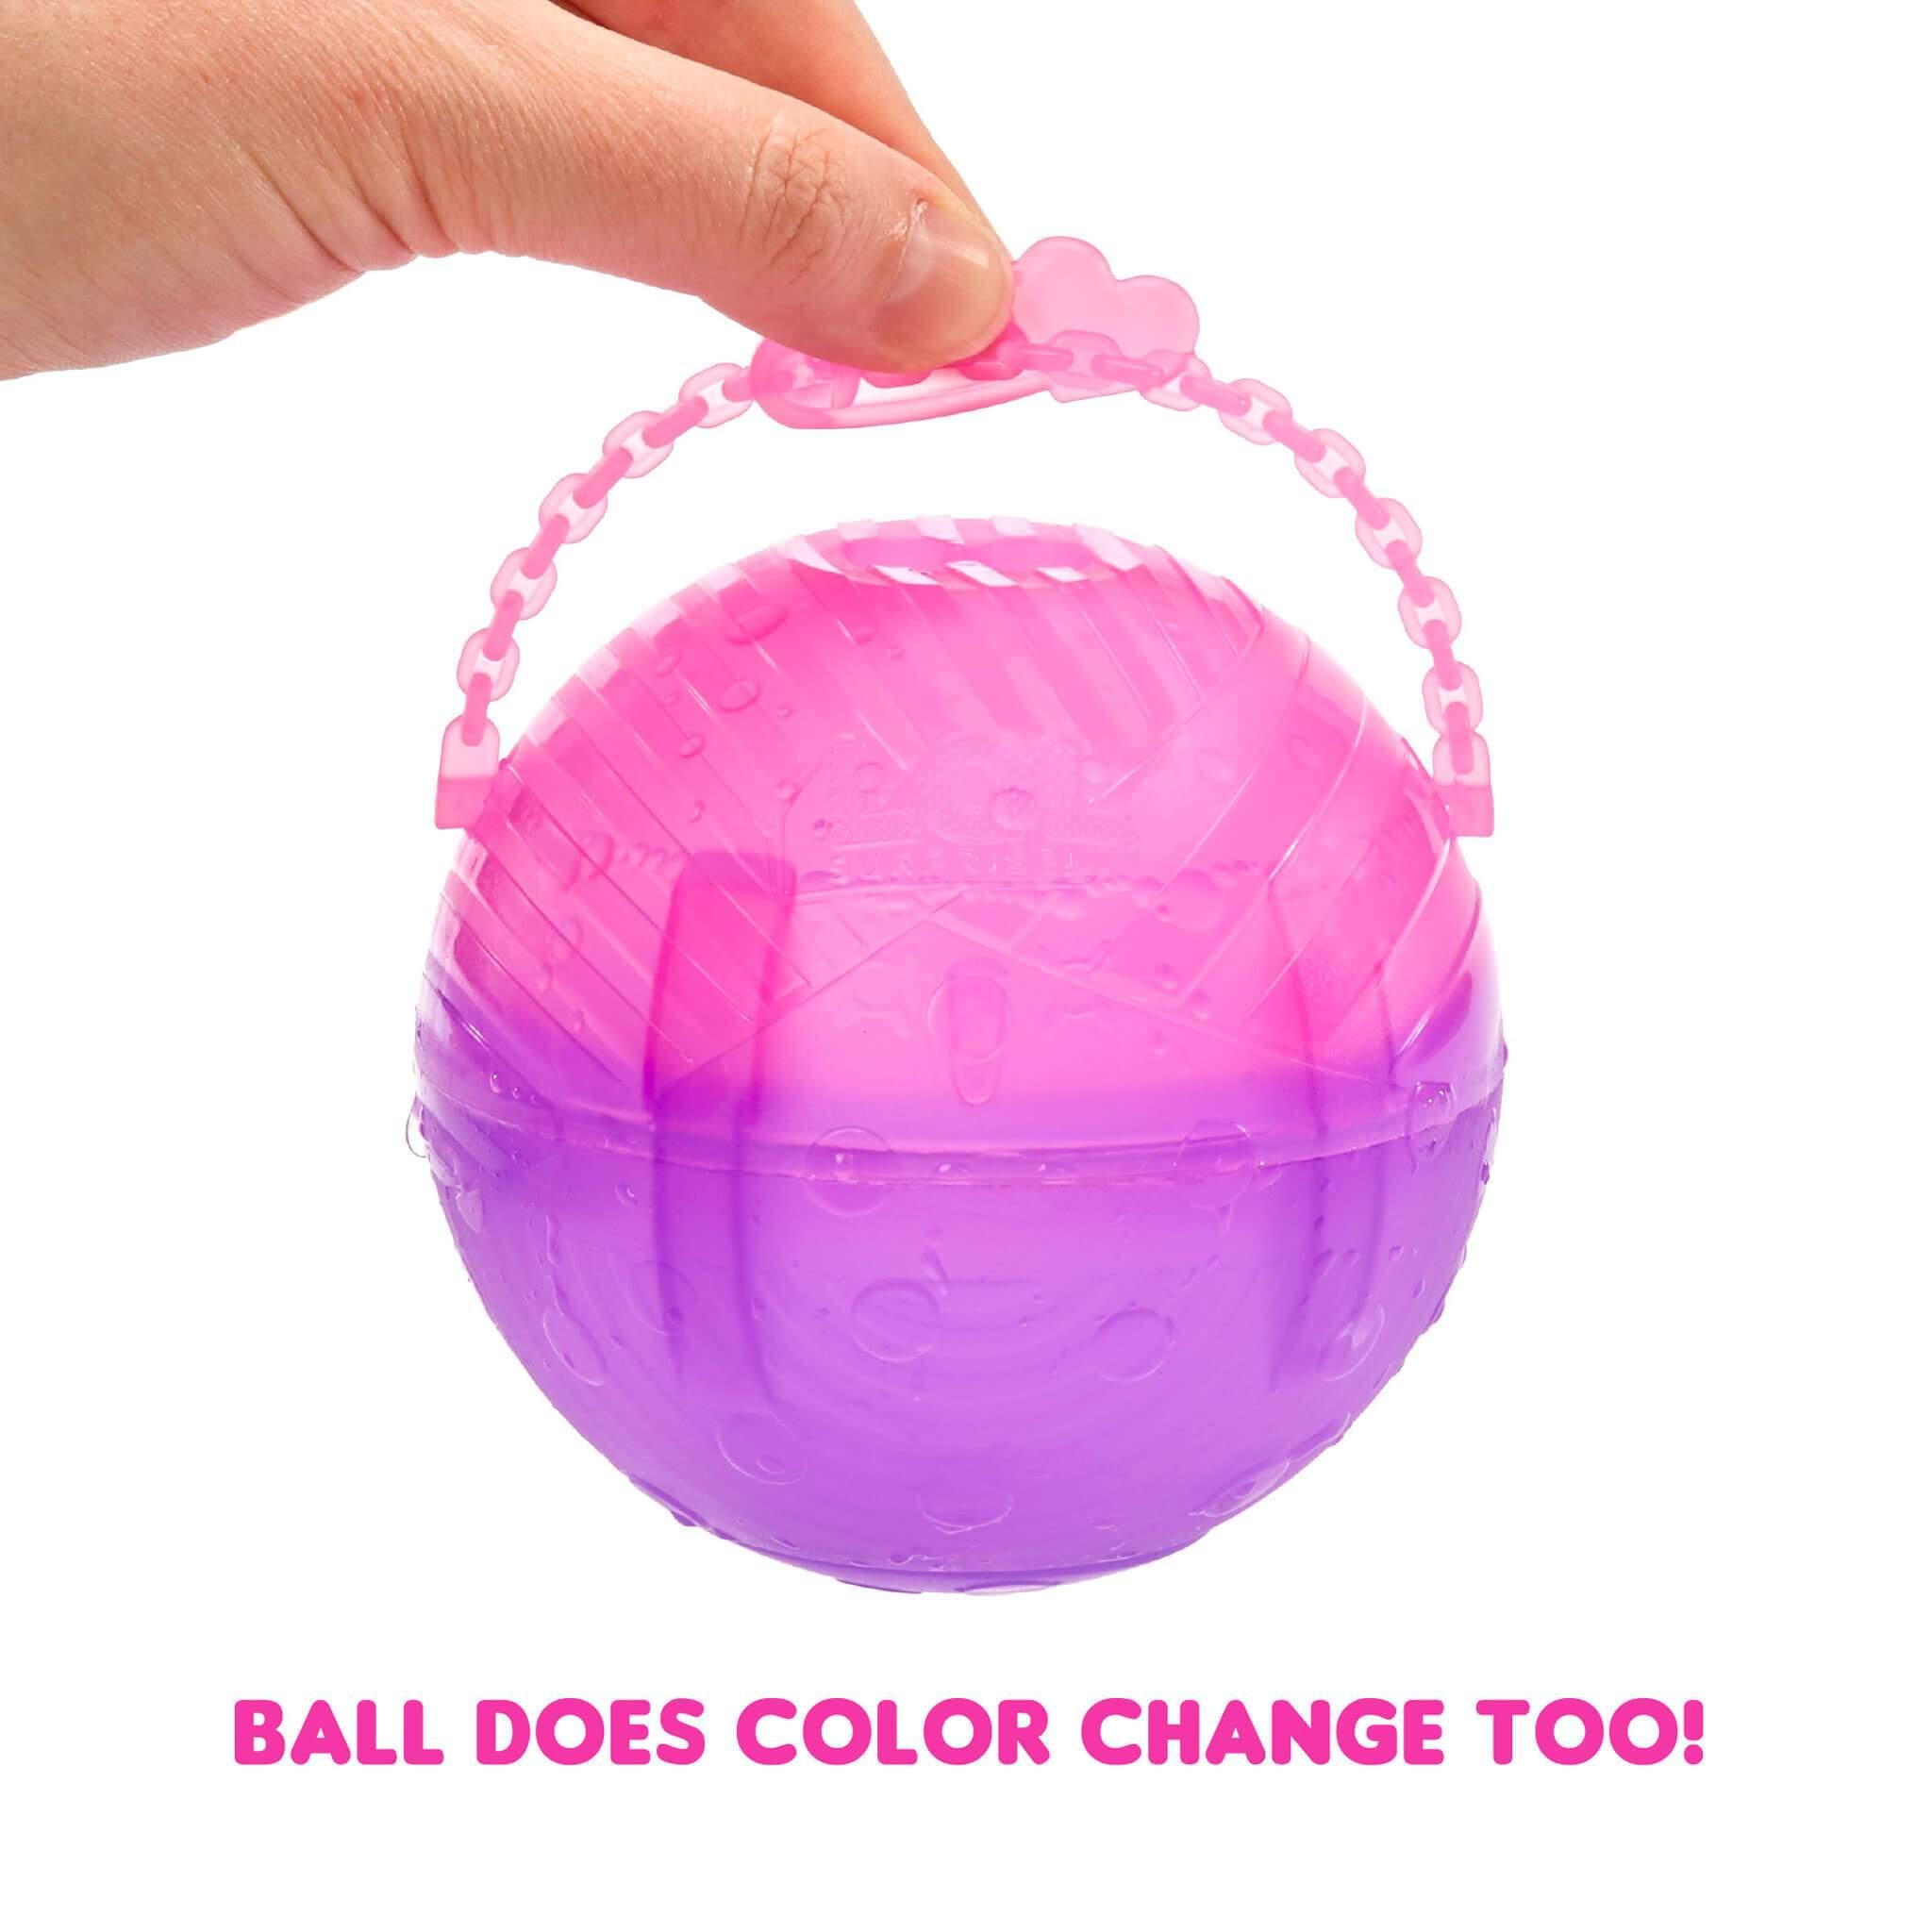 576341-Color-Change-Dolls3_1024x1024@2x